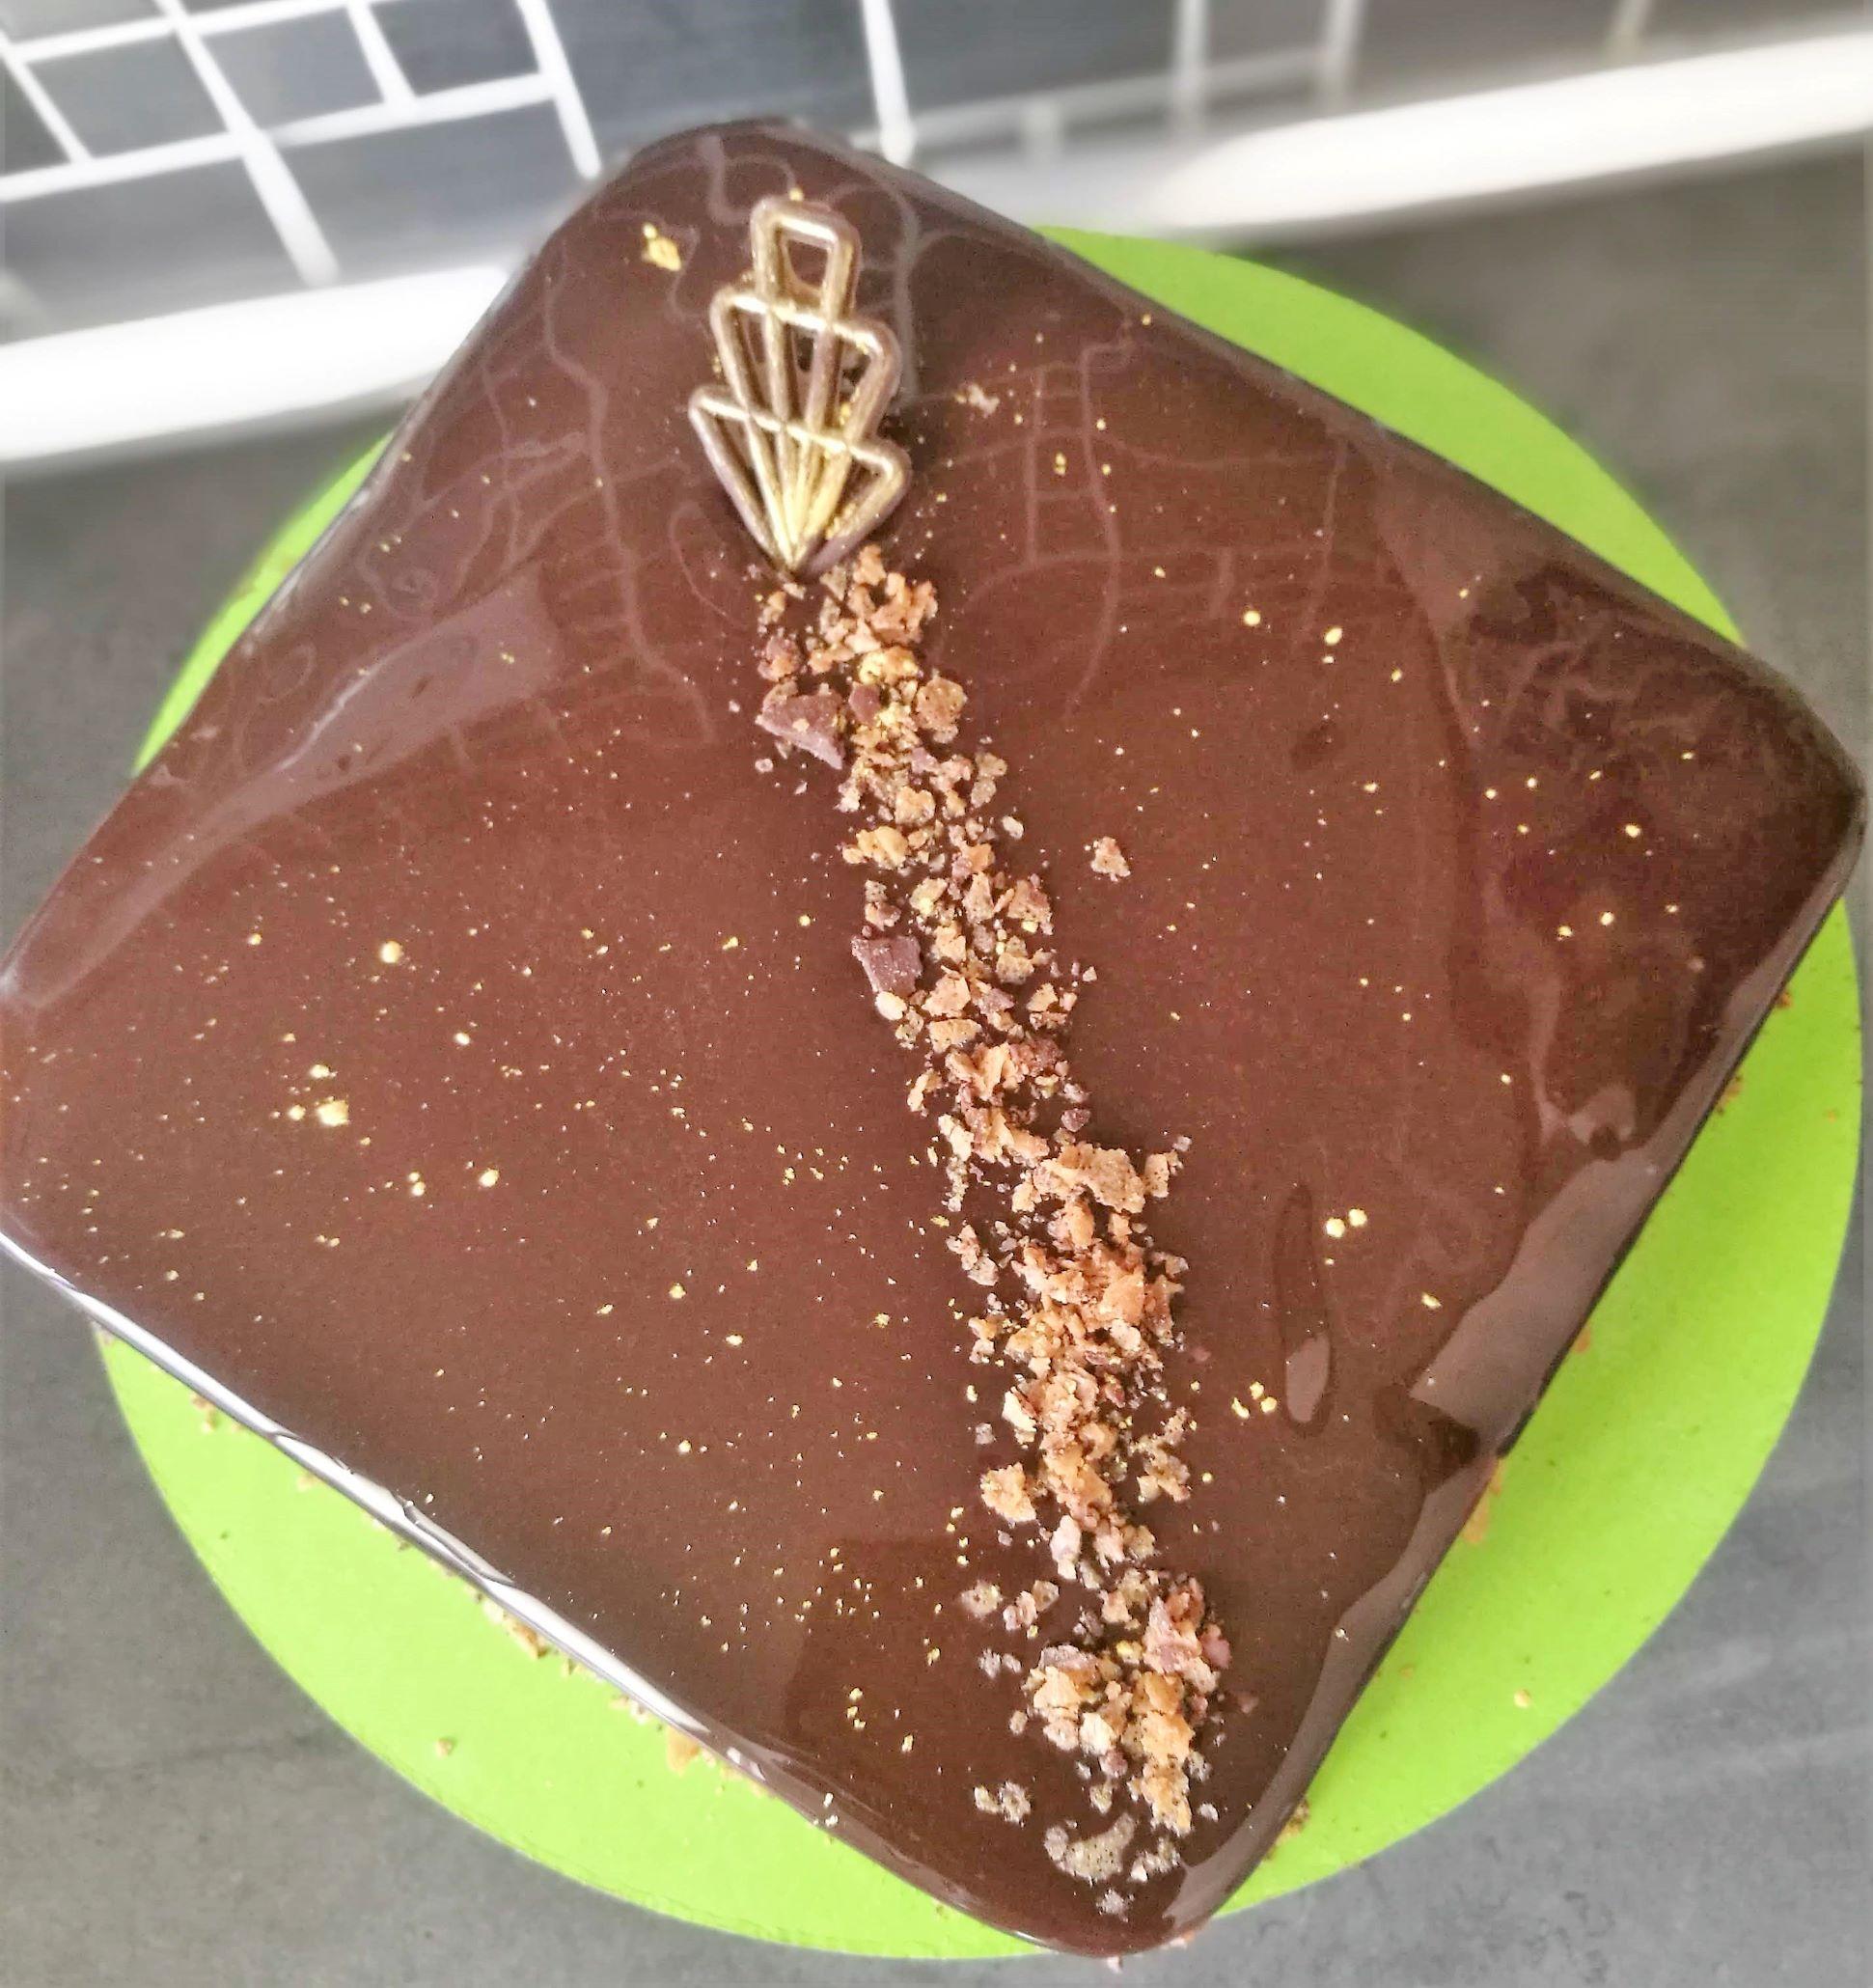 Gateaux-chocolat-lait-praline-carre